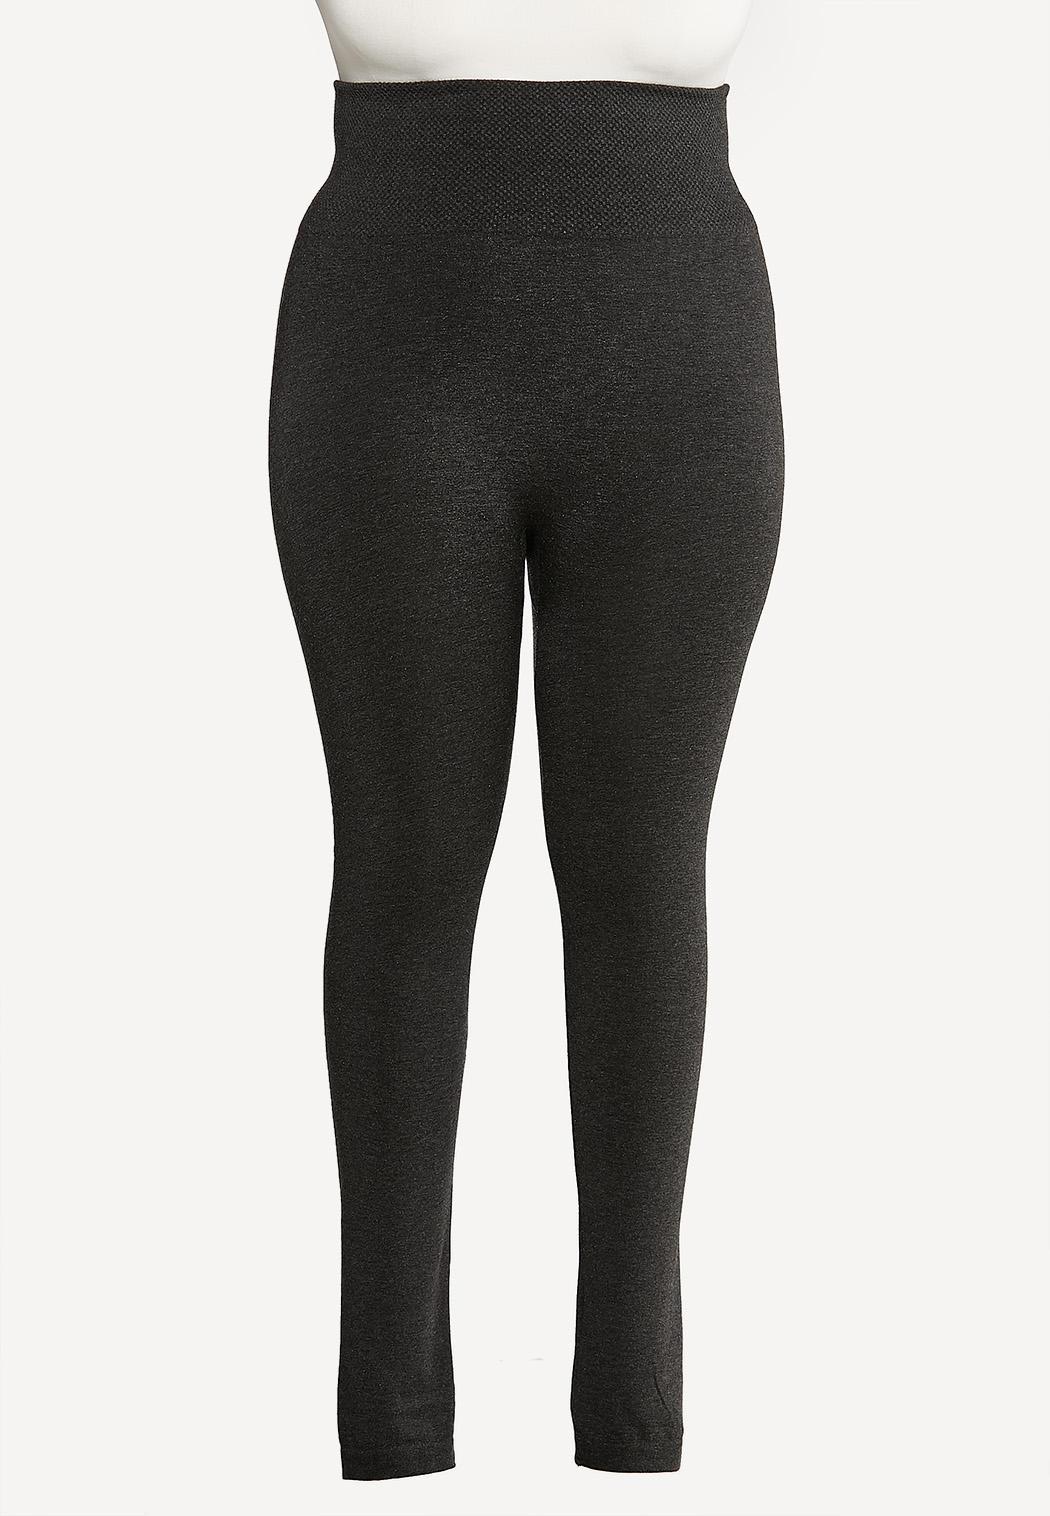 Plus Size Charcoal Fleece Leggings